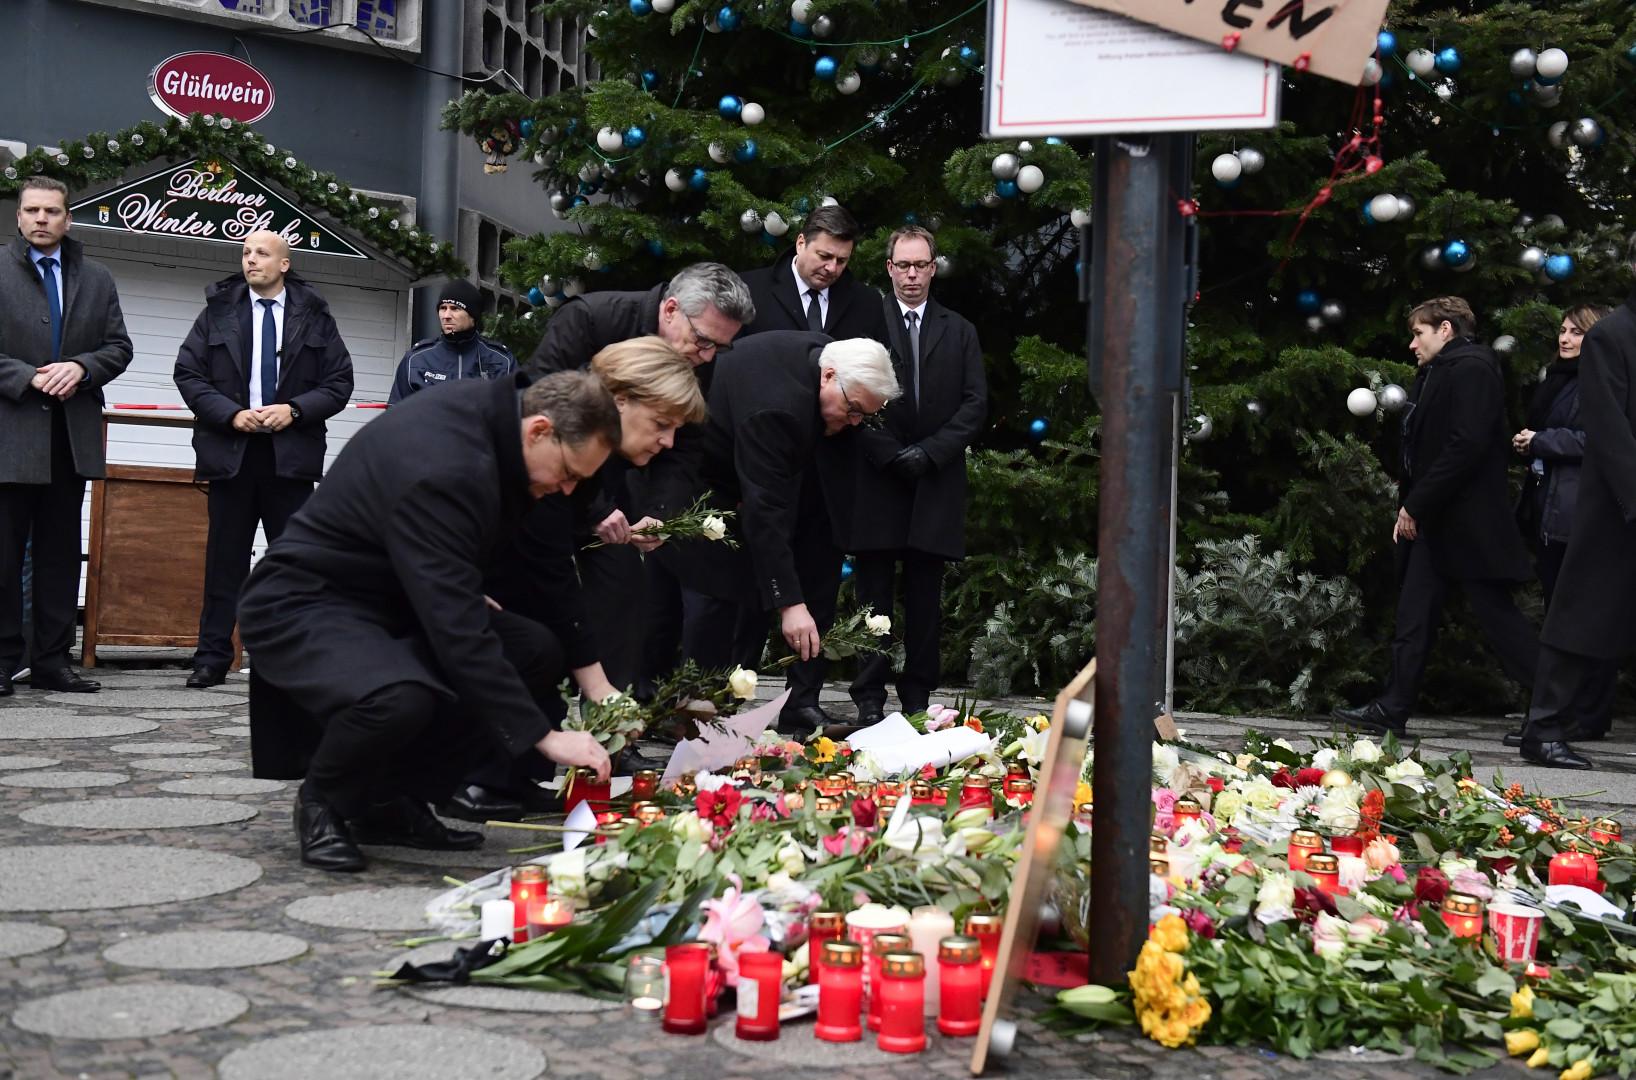 Angela Merkel entourée du ministre des Affaires étrangères, du ministre de l'Intérieur et du maire de Berlin au lendemain de l'attentat perpétré à Berlin